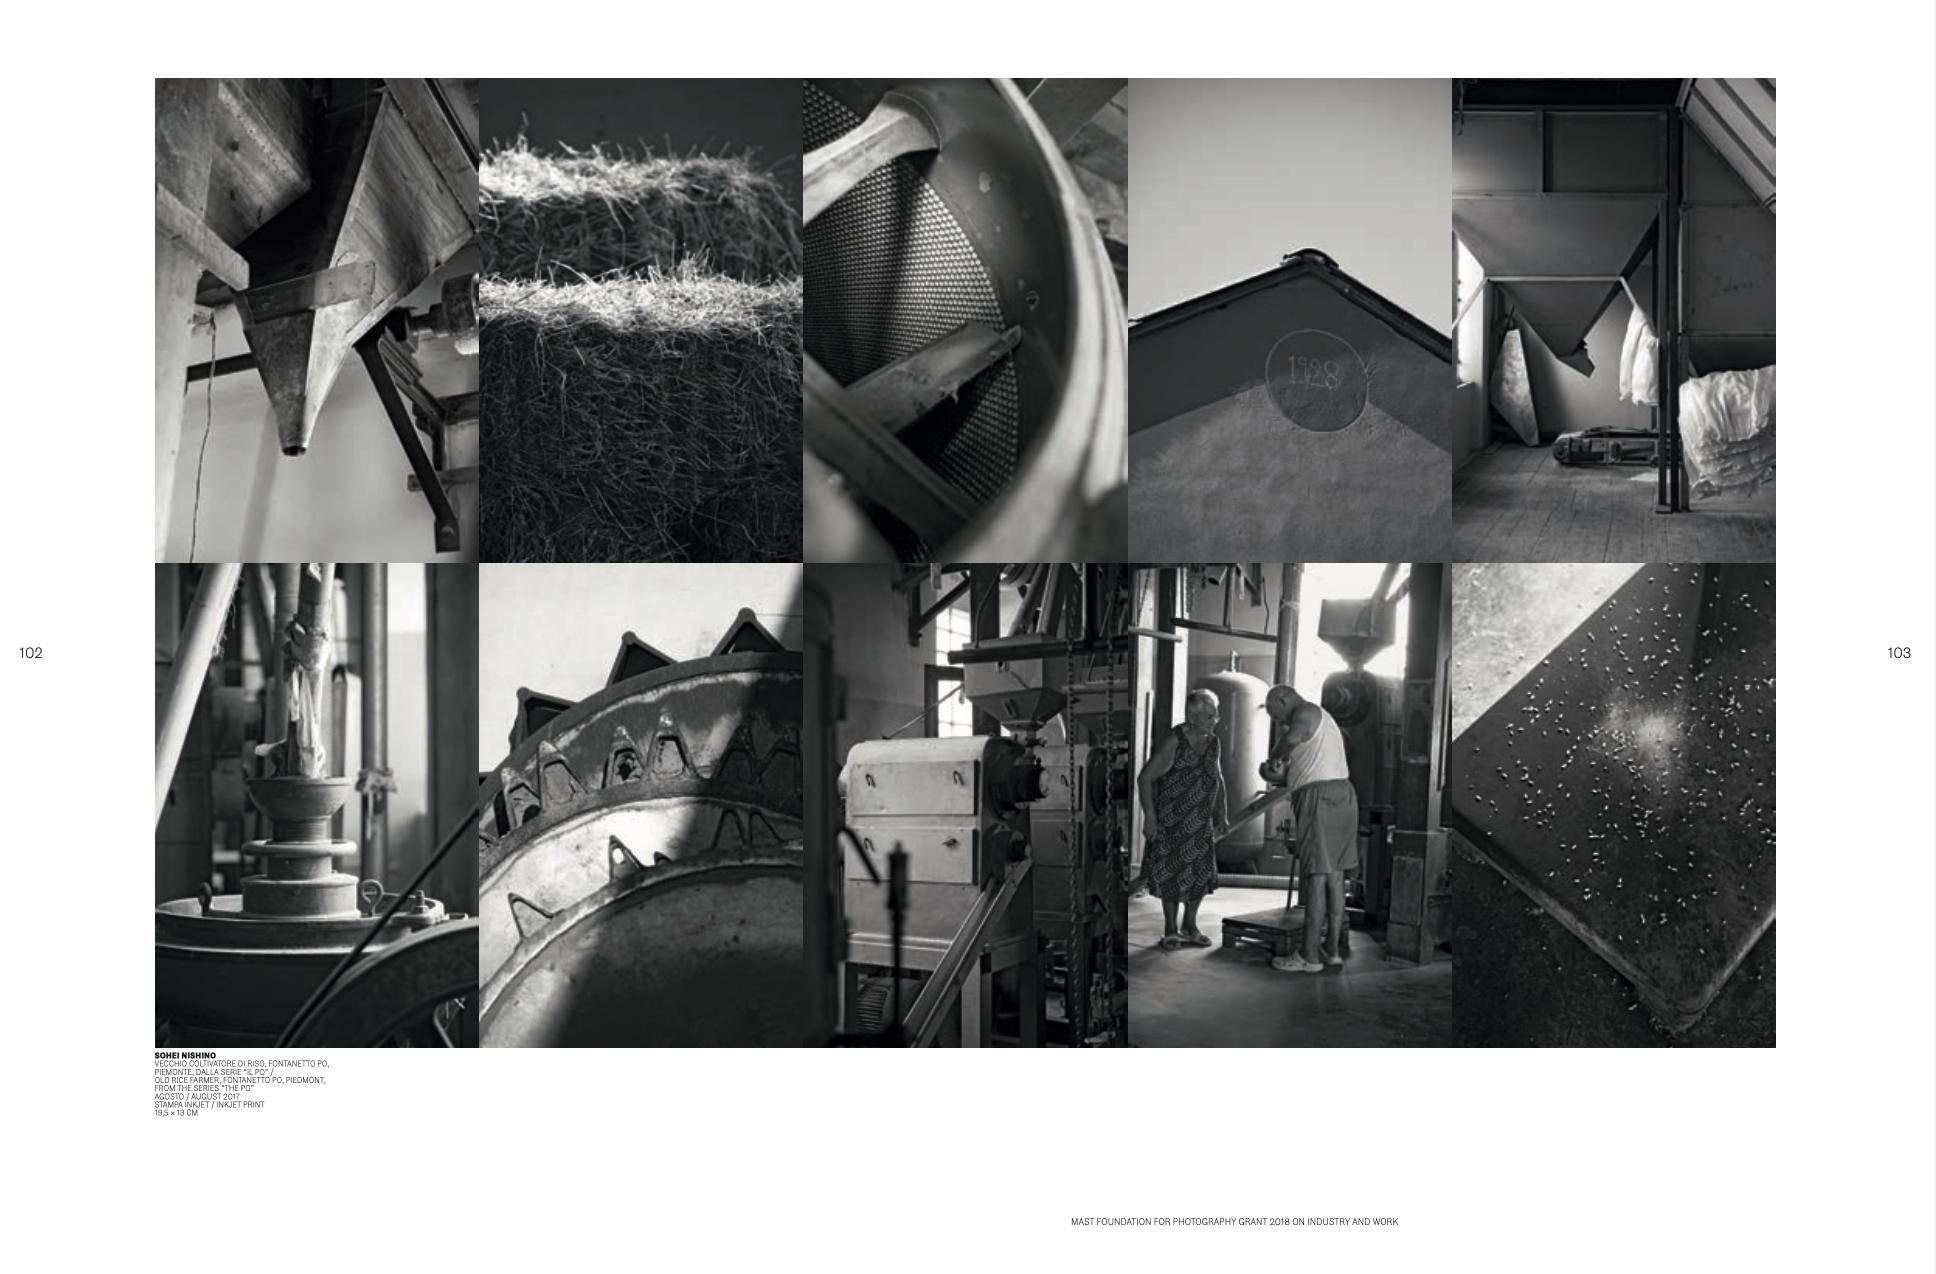 Masterworks of industrial photography / Capolavori della fotografia industriale